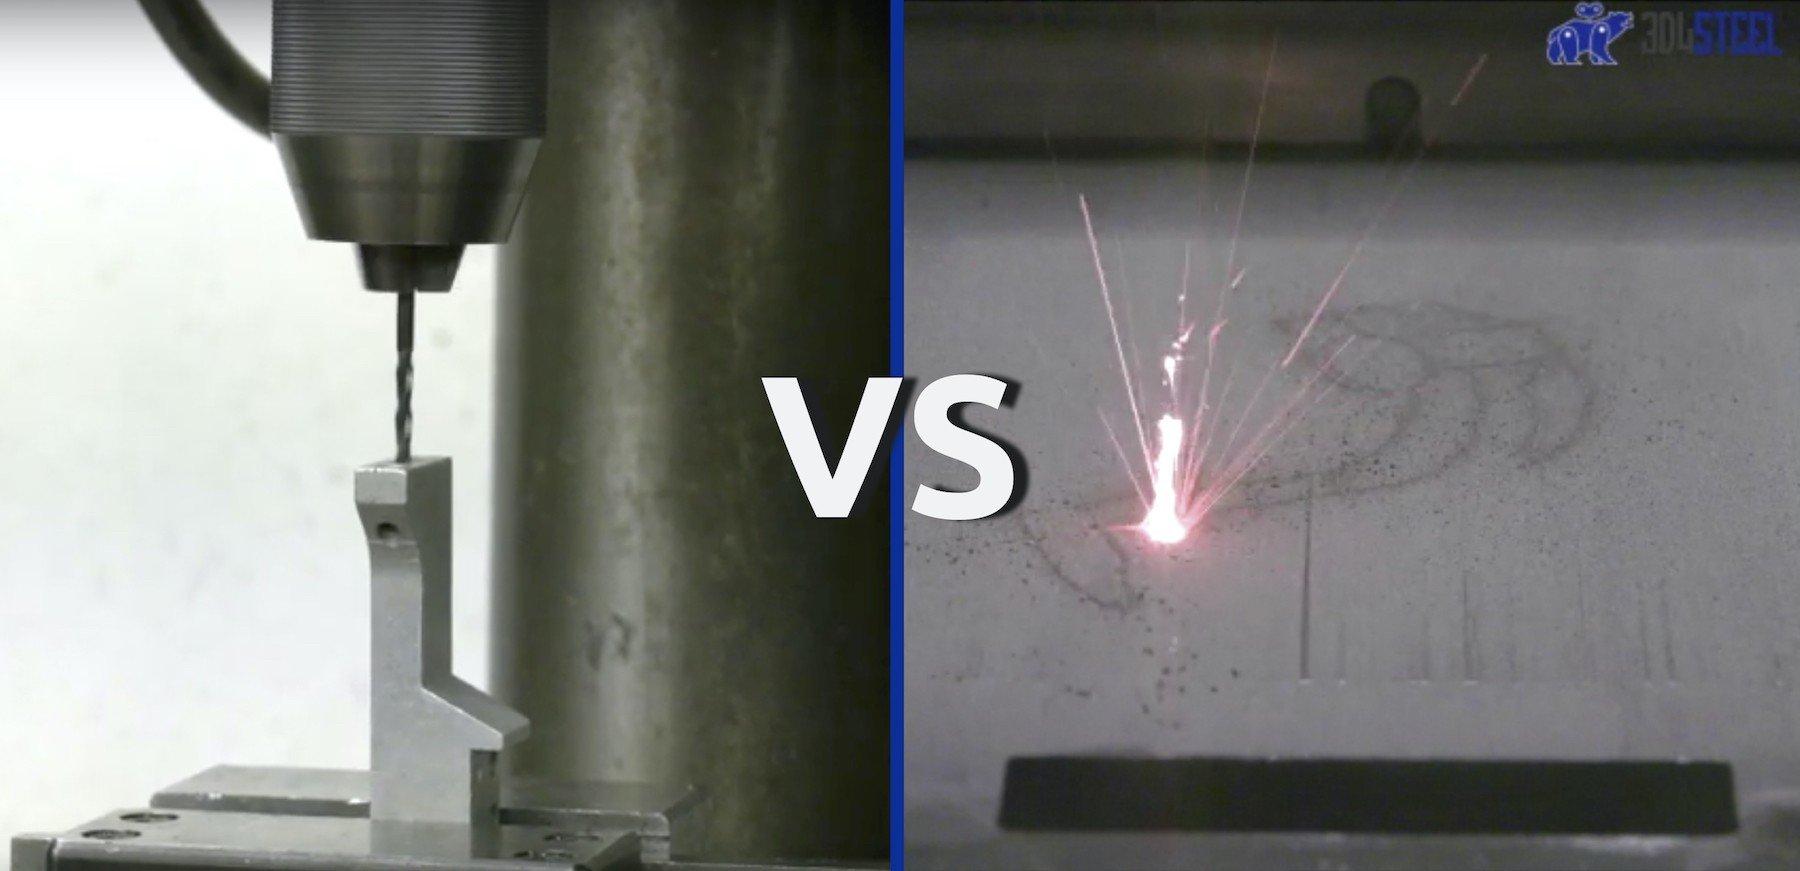 Componenti meccanici in acciaio: cosa cambia dai metodi tradizionali, alla stampa 3D?